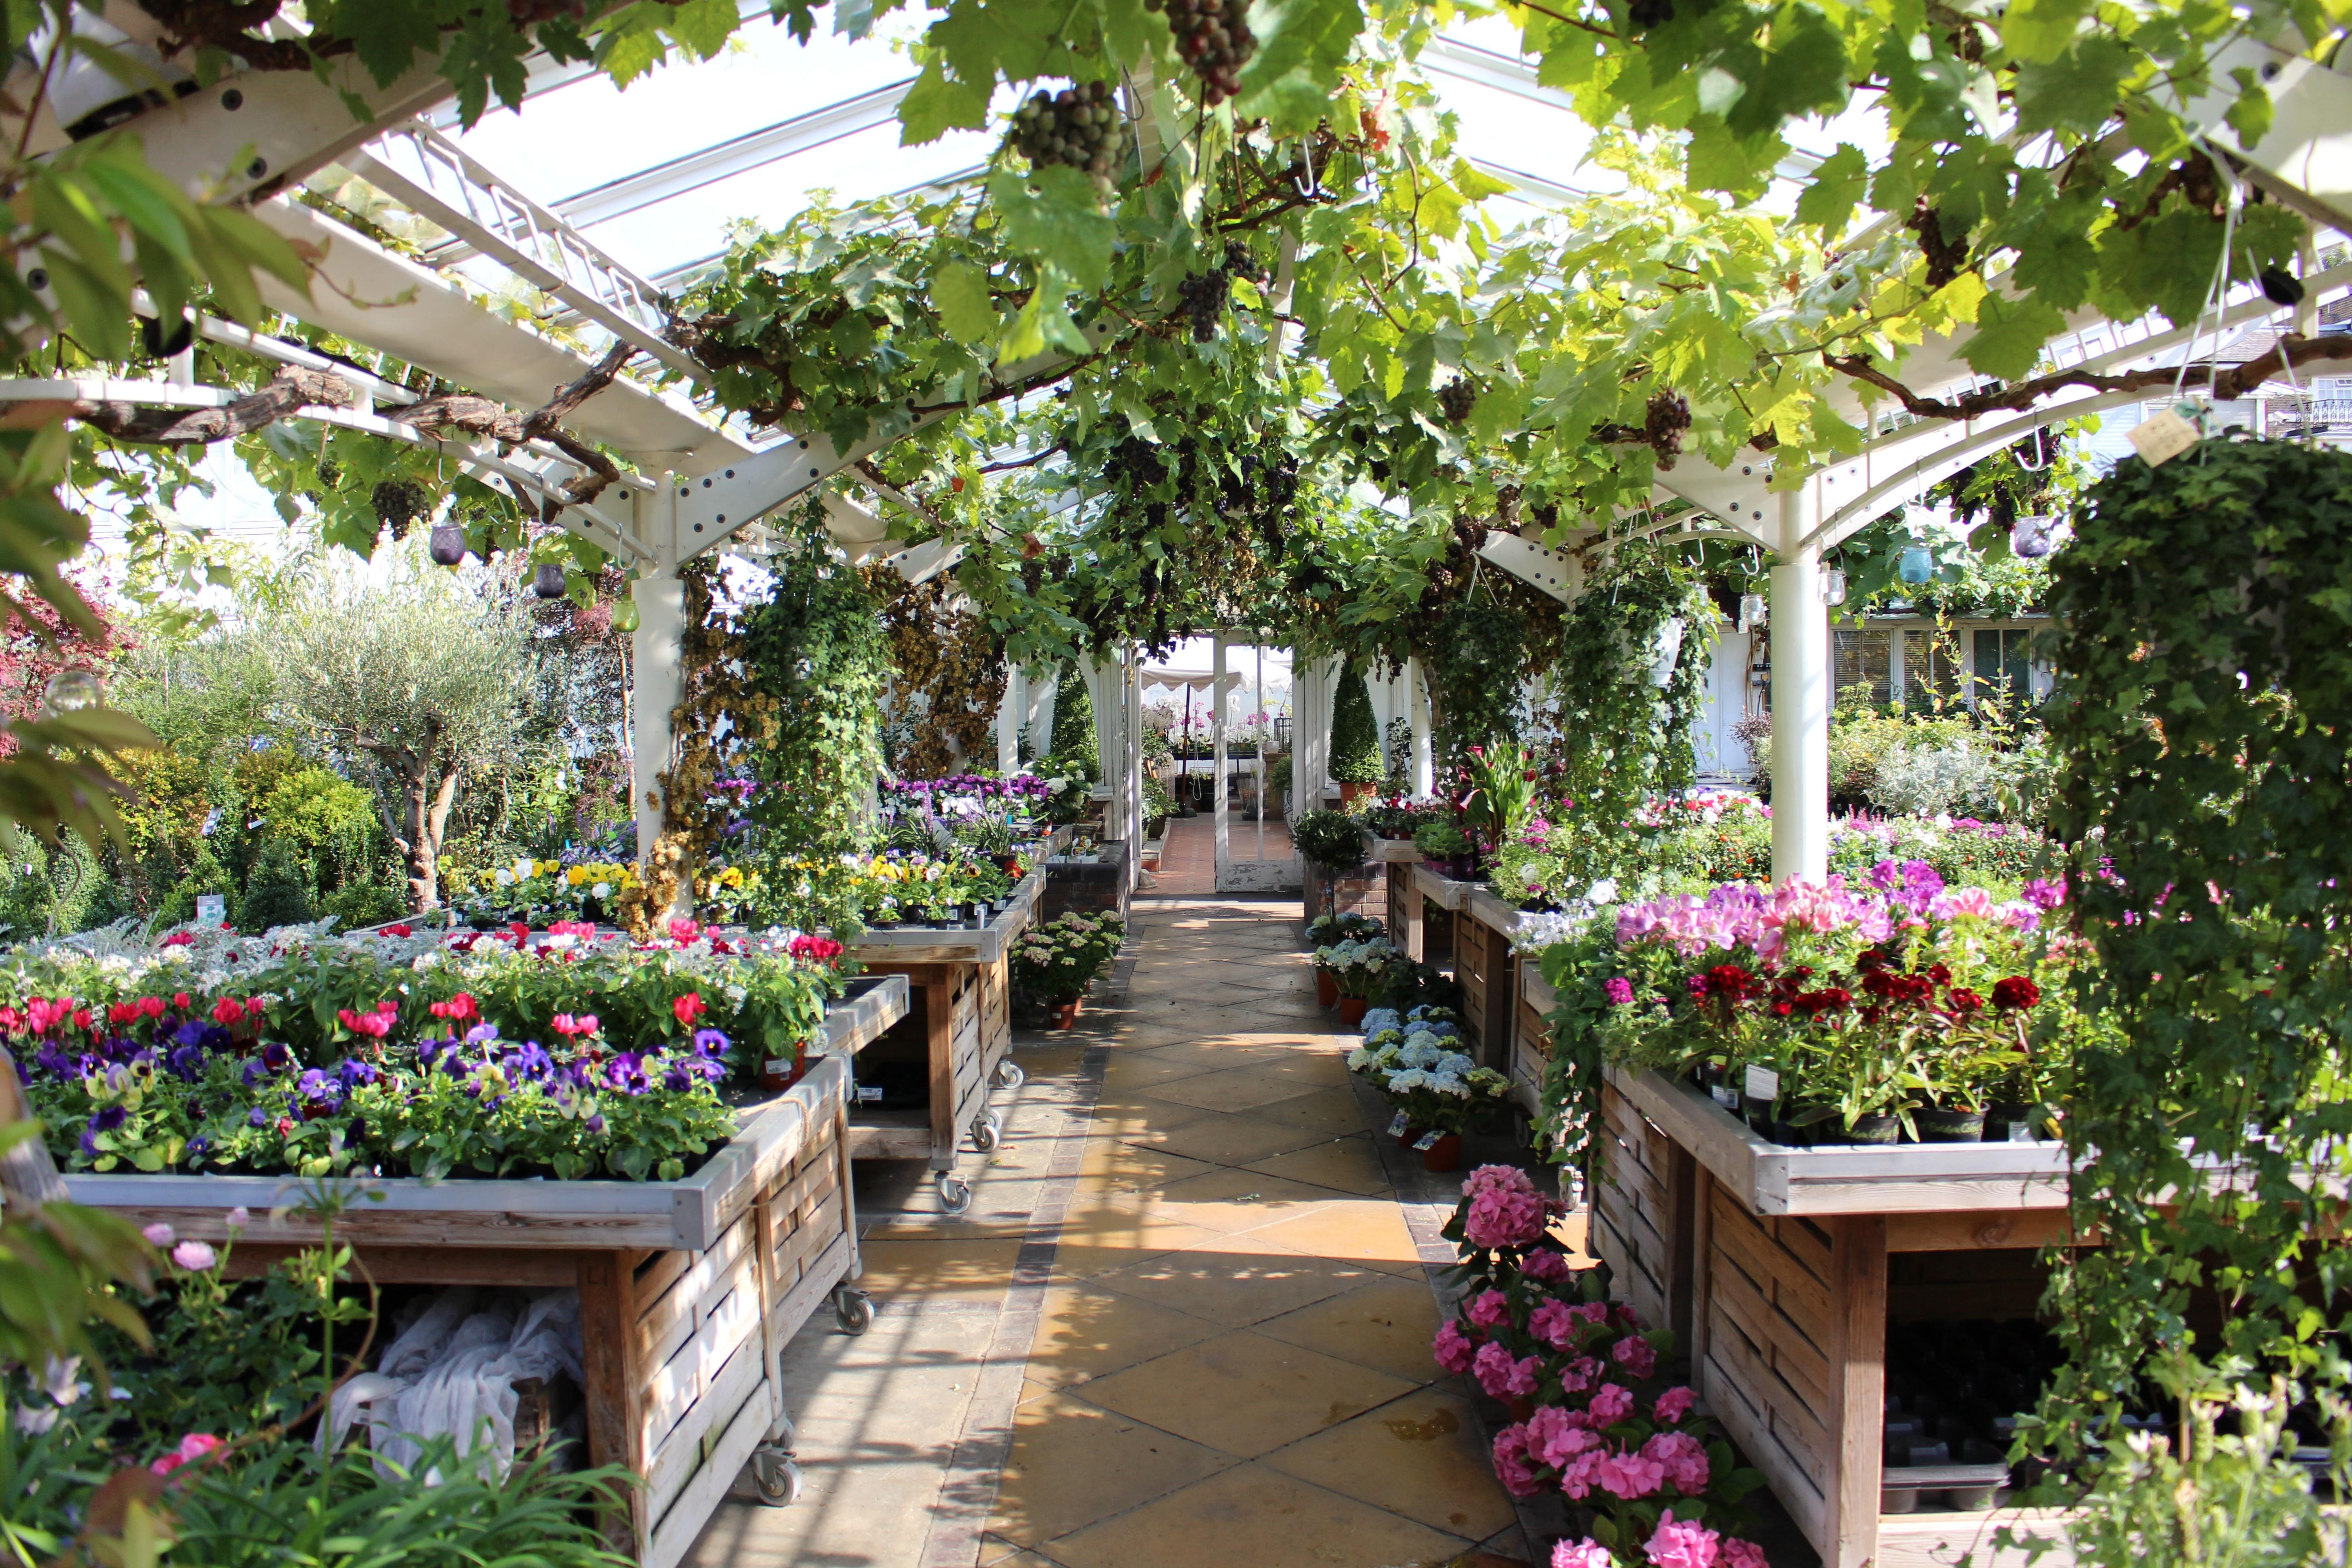 Garden-Centre-Investment